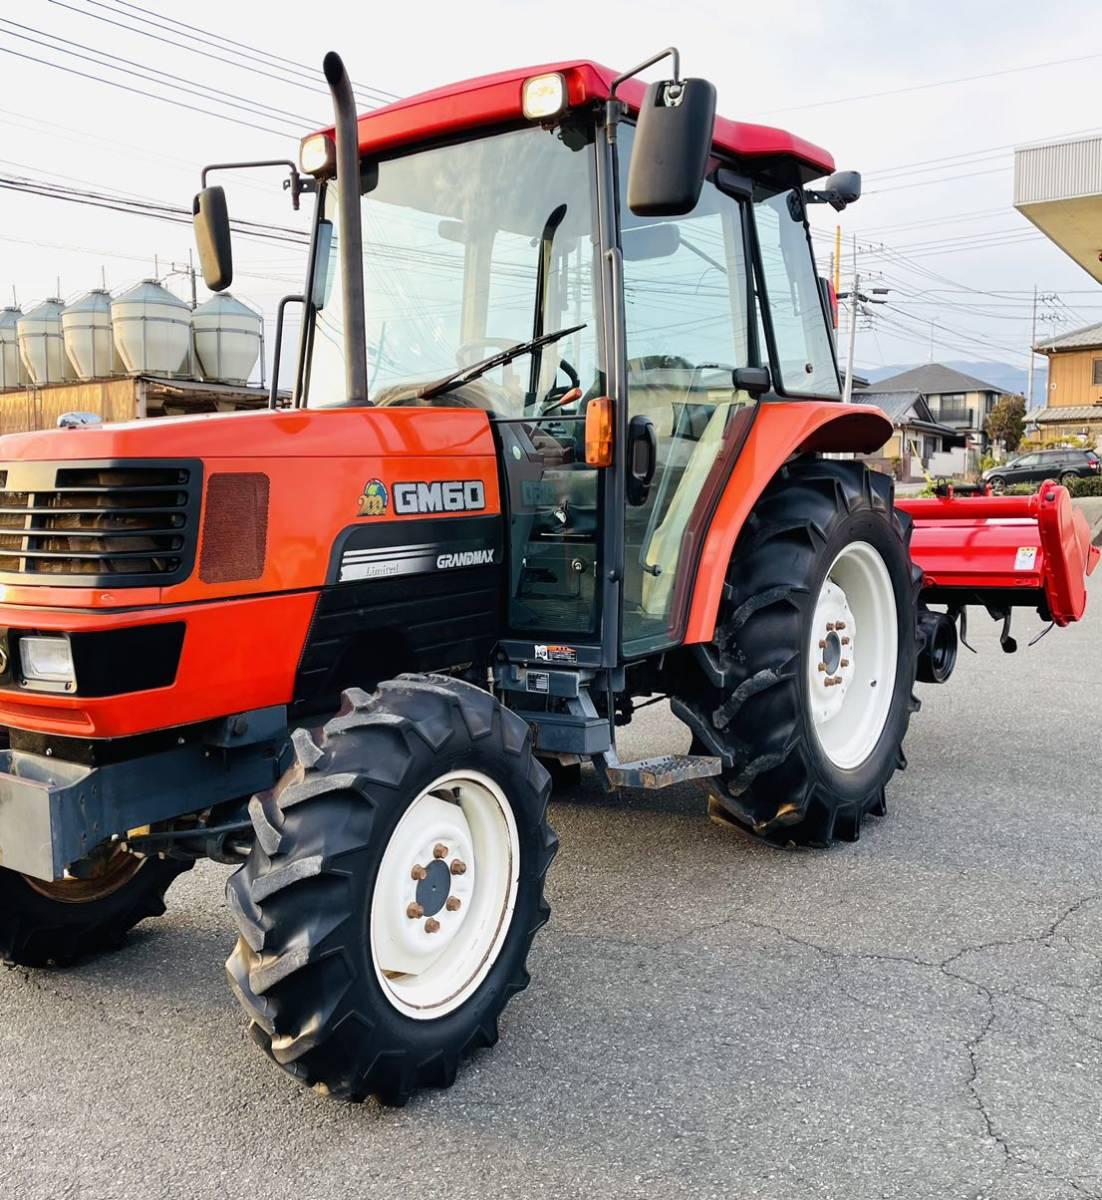 クボタ トラクター GM60 60馬力 時間997H エアコンキャビン ロータリー 油圧外部取出口2コ すぐに使う可能な状態です。